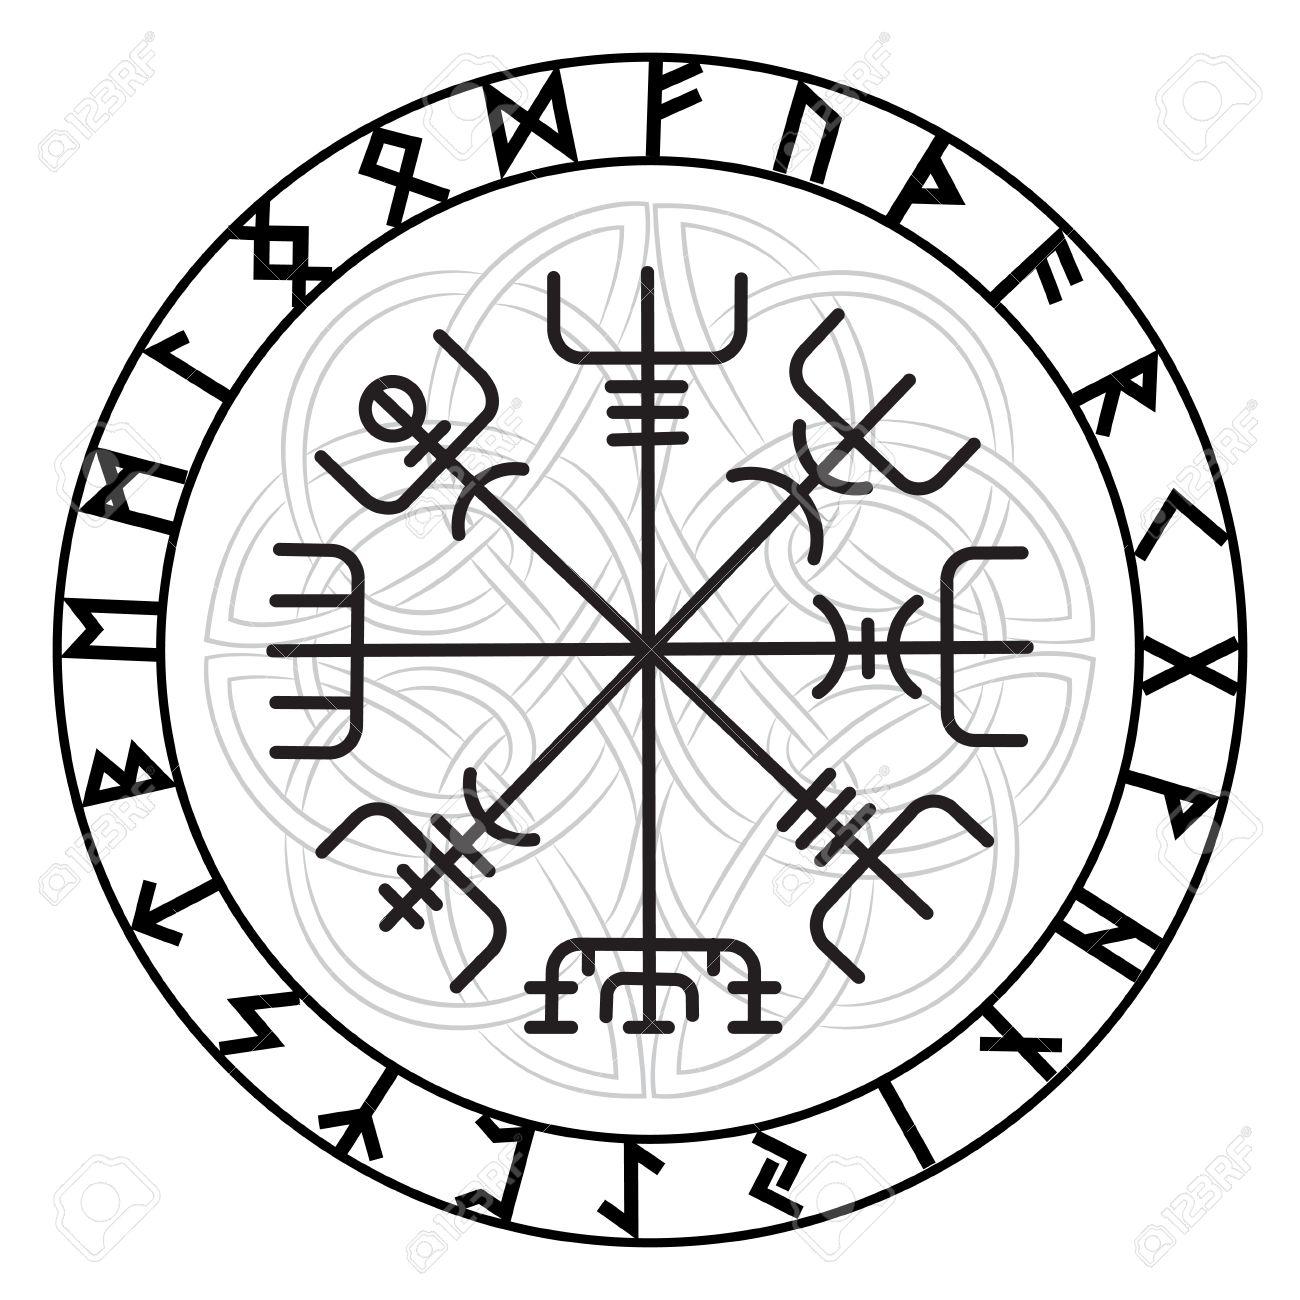 Vegvisir De Magic Navigatie Kompas Van Oude Ijslandse Vikingen Met